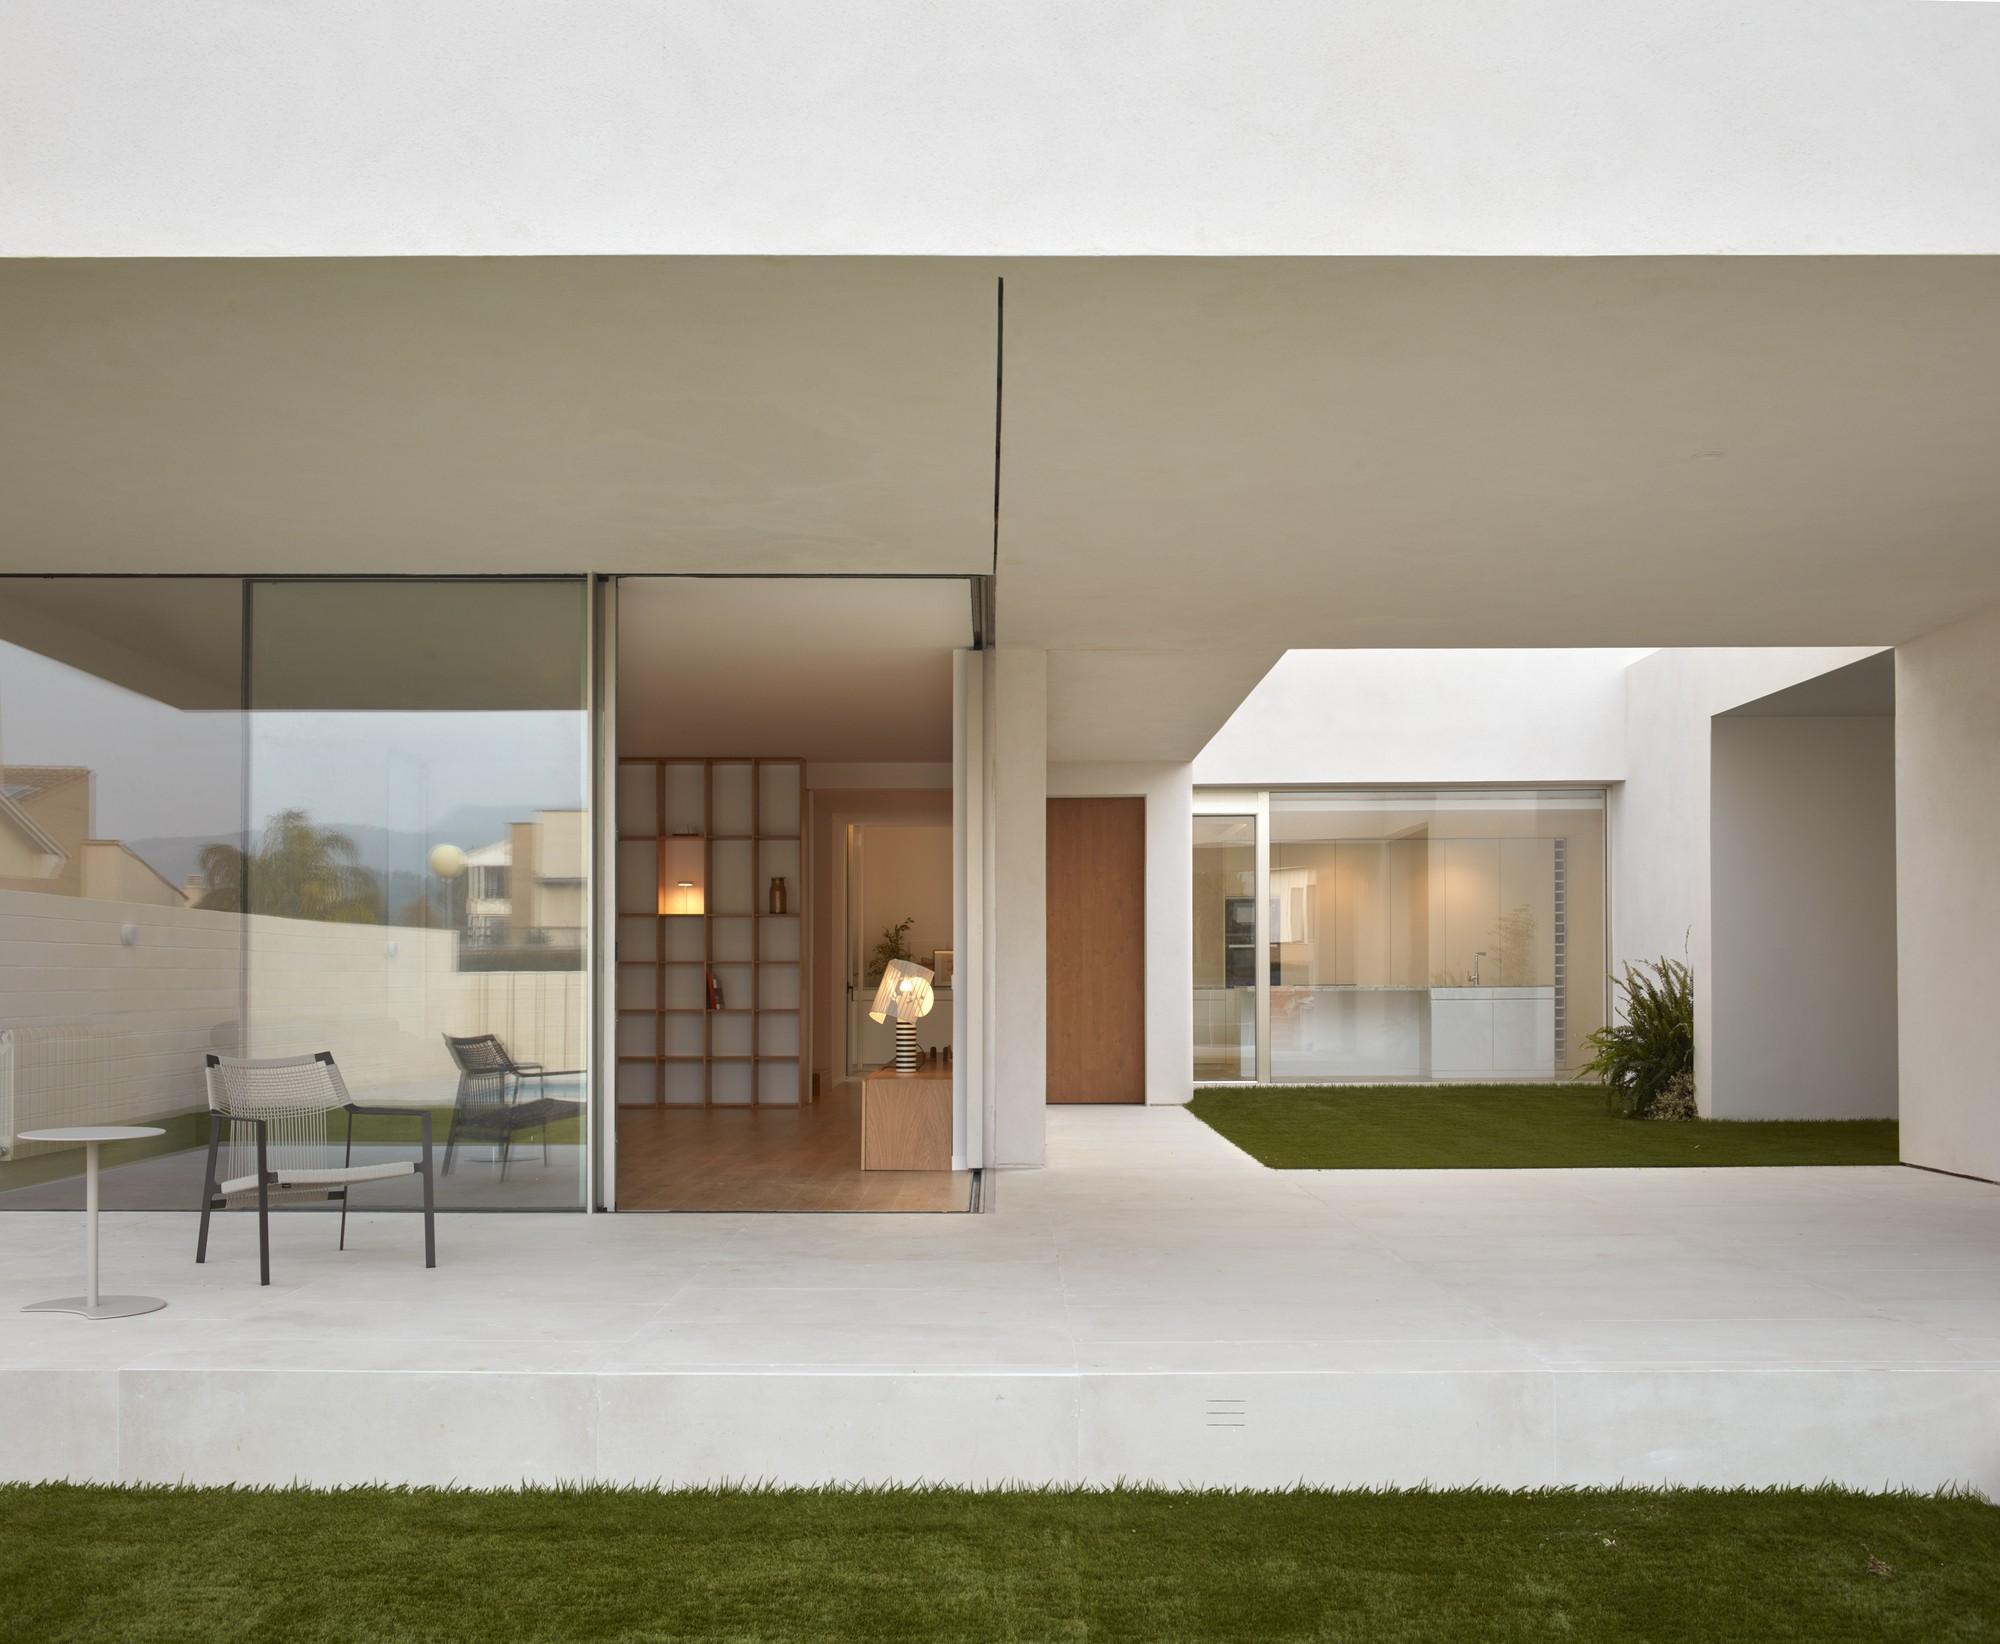 Семейная резиденция, переосмысливающая концепцию внутреннего двора сельских домов Средиземноморья